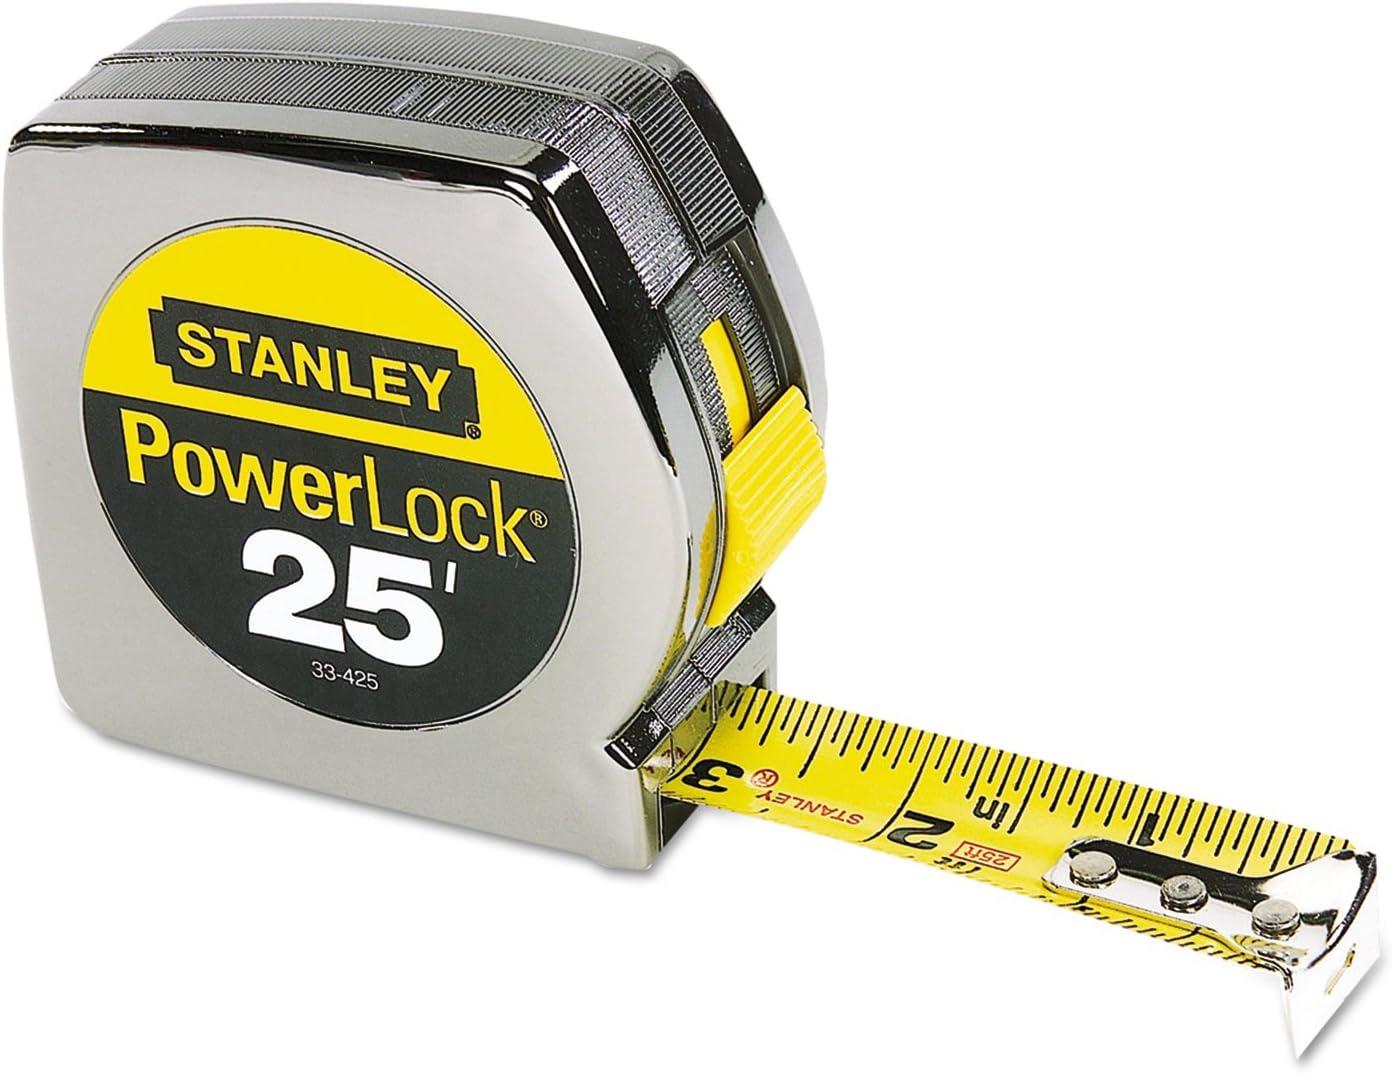 入手困難 激安通販専門店 BOS33425 - Powerlock II Return Rule Power